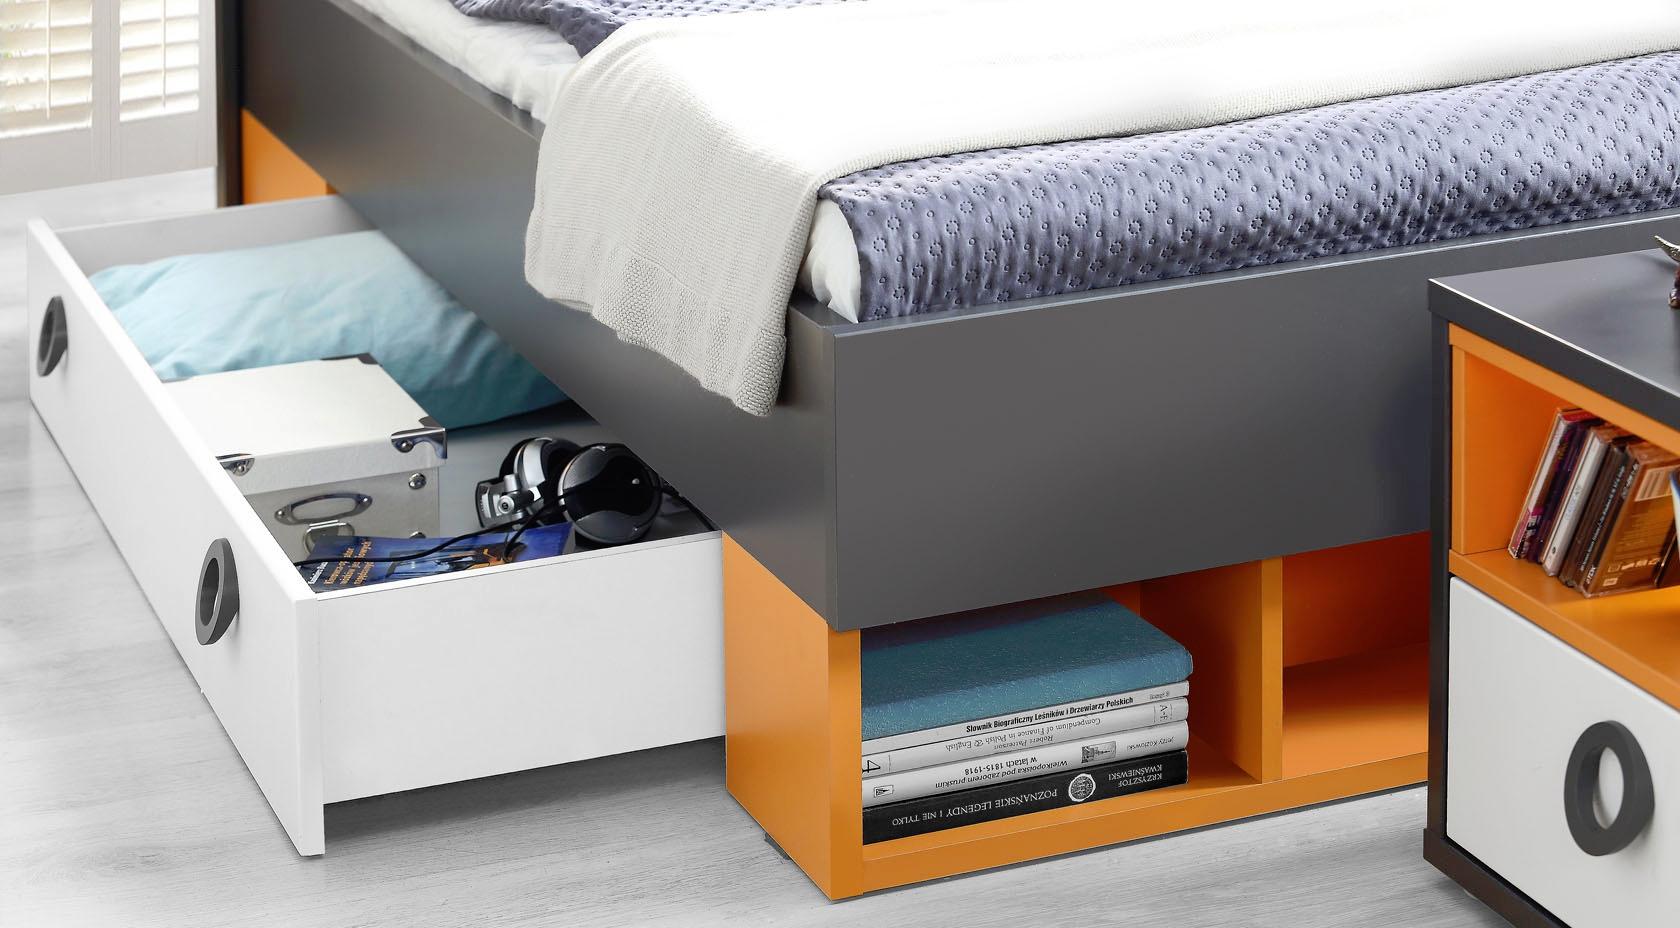 Forte colors jugendzimmer grau m bel letz ihr online shop - Jugendzimmer grau weiay ...